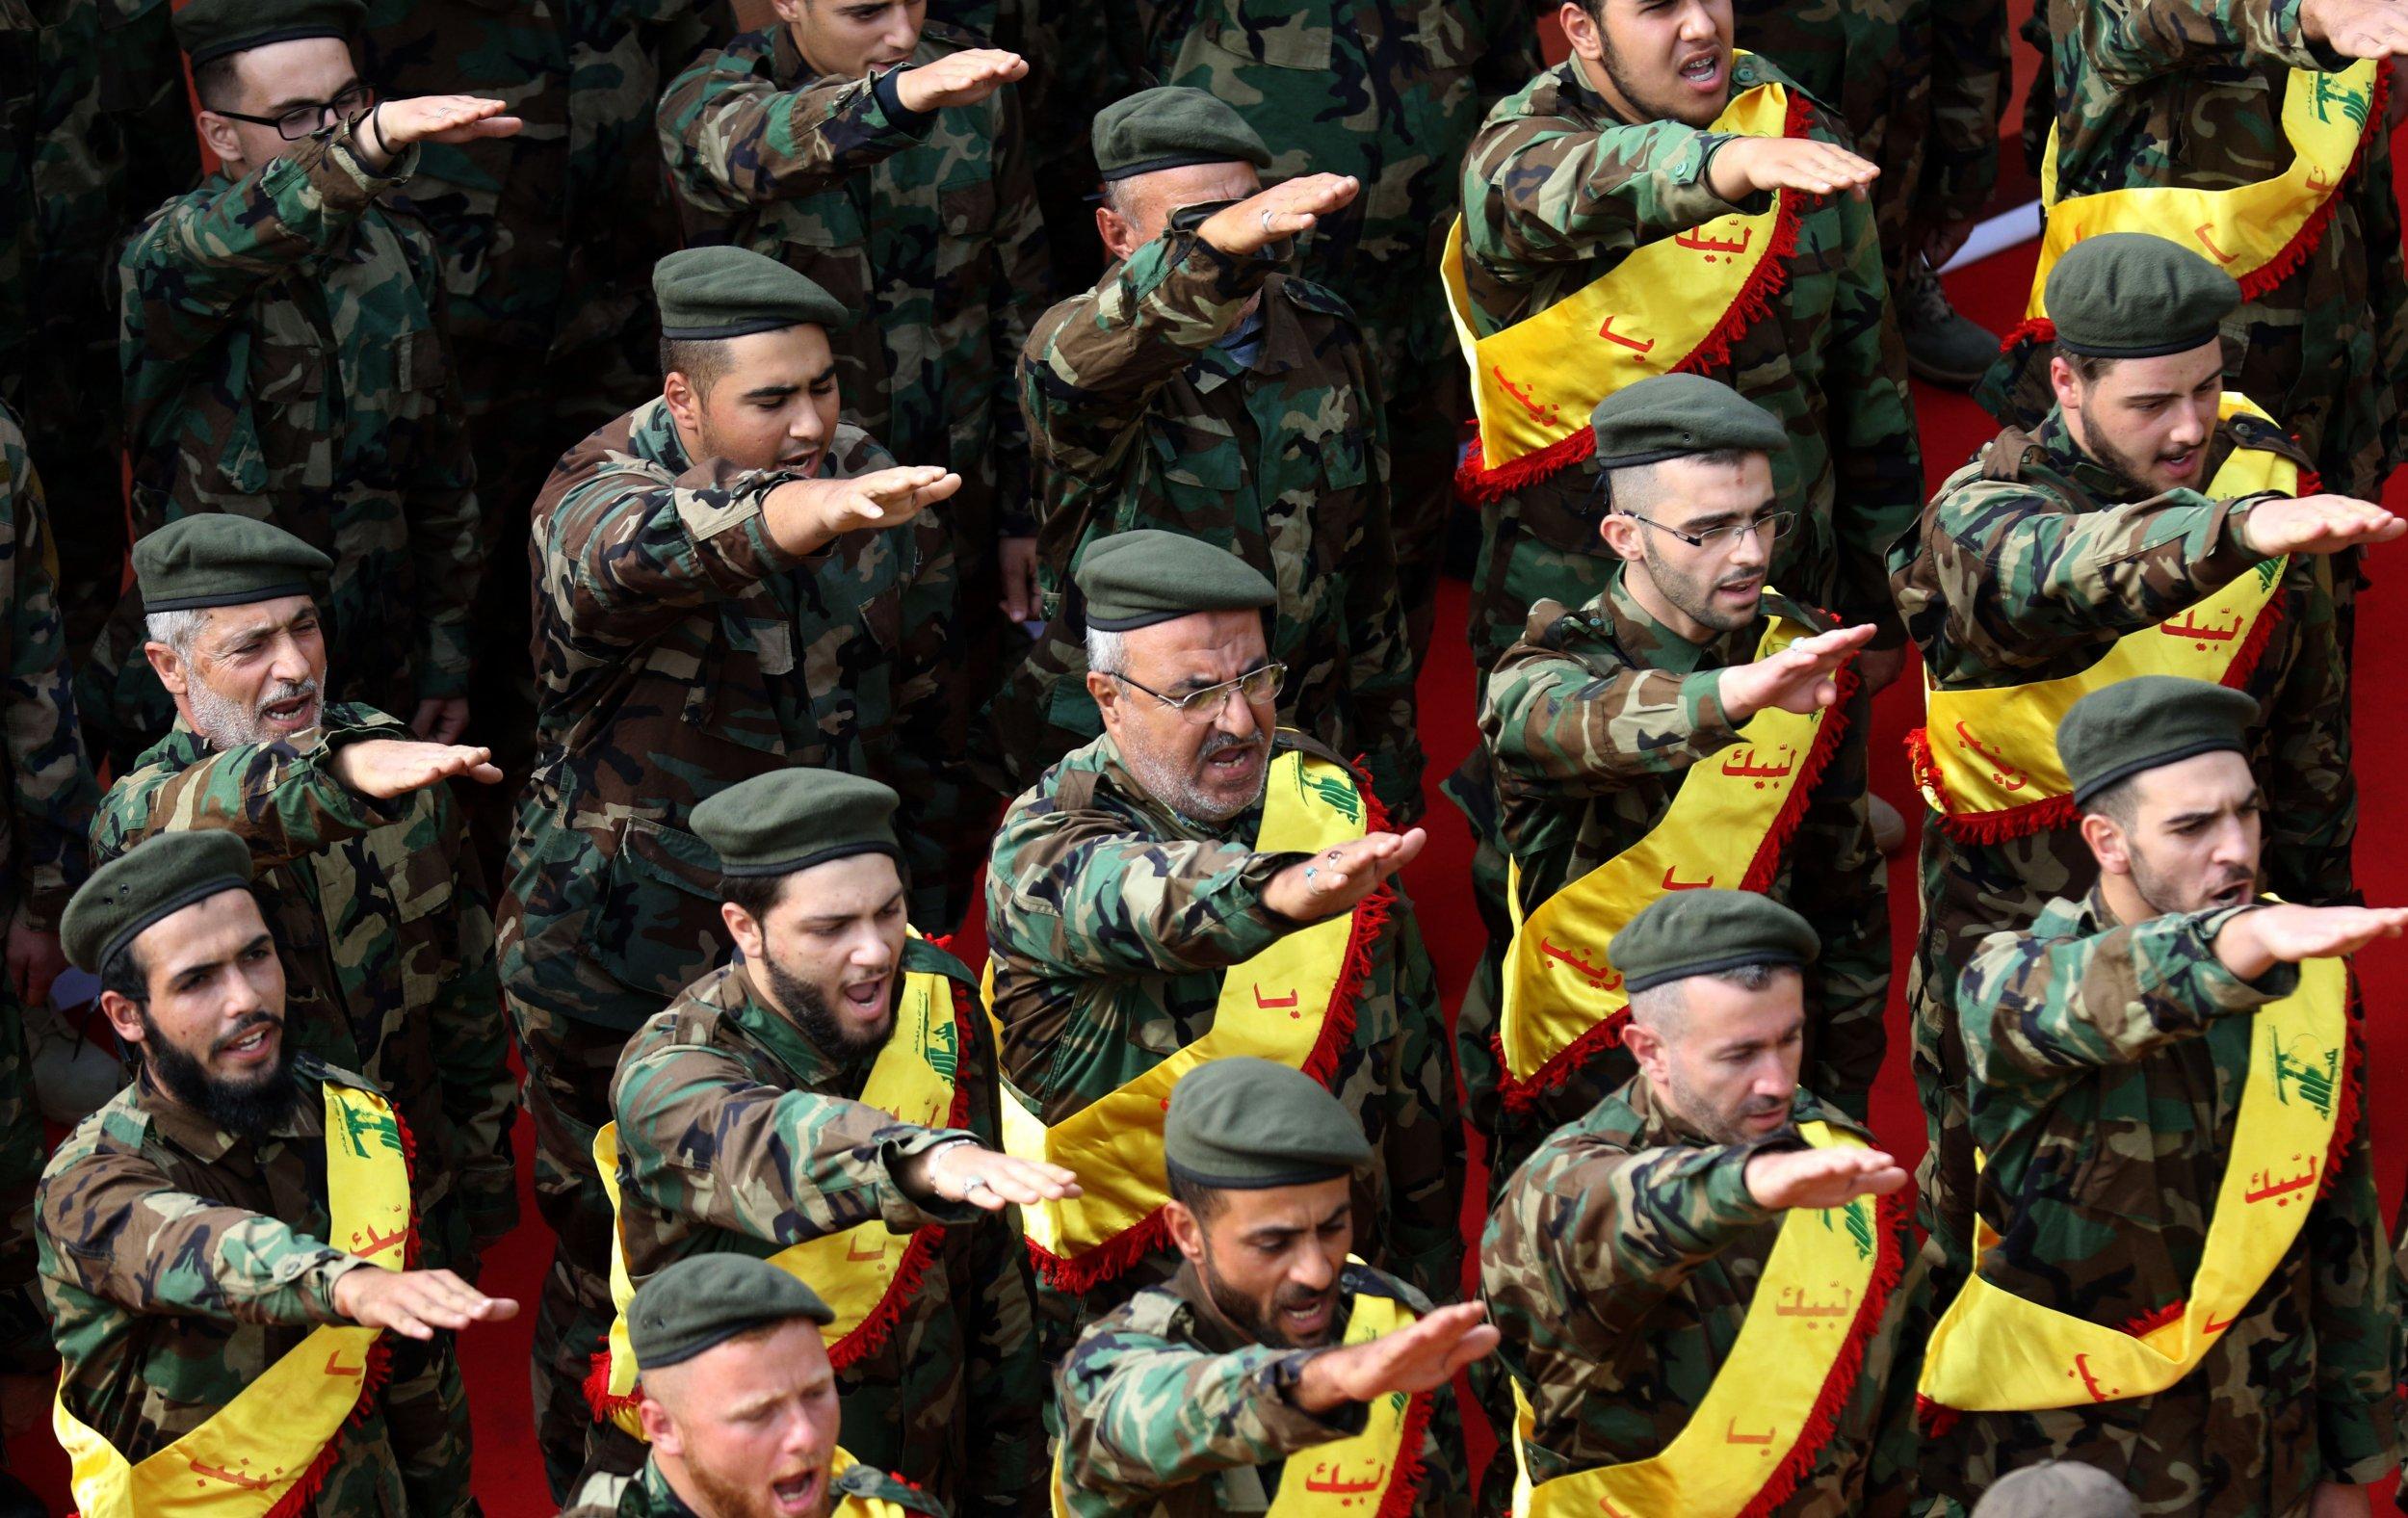 Bildergebnis für hezbollah images